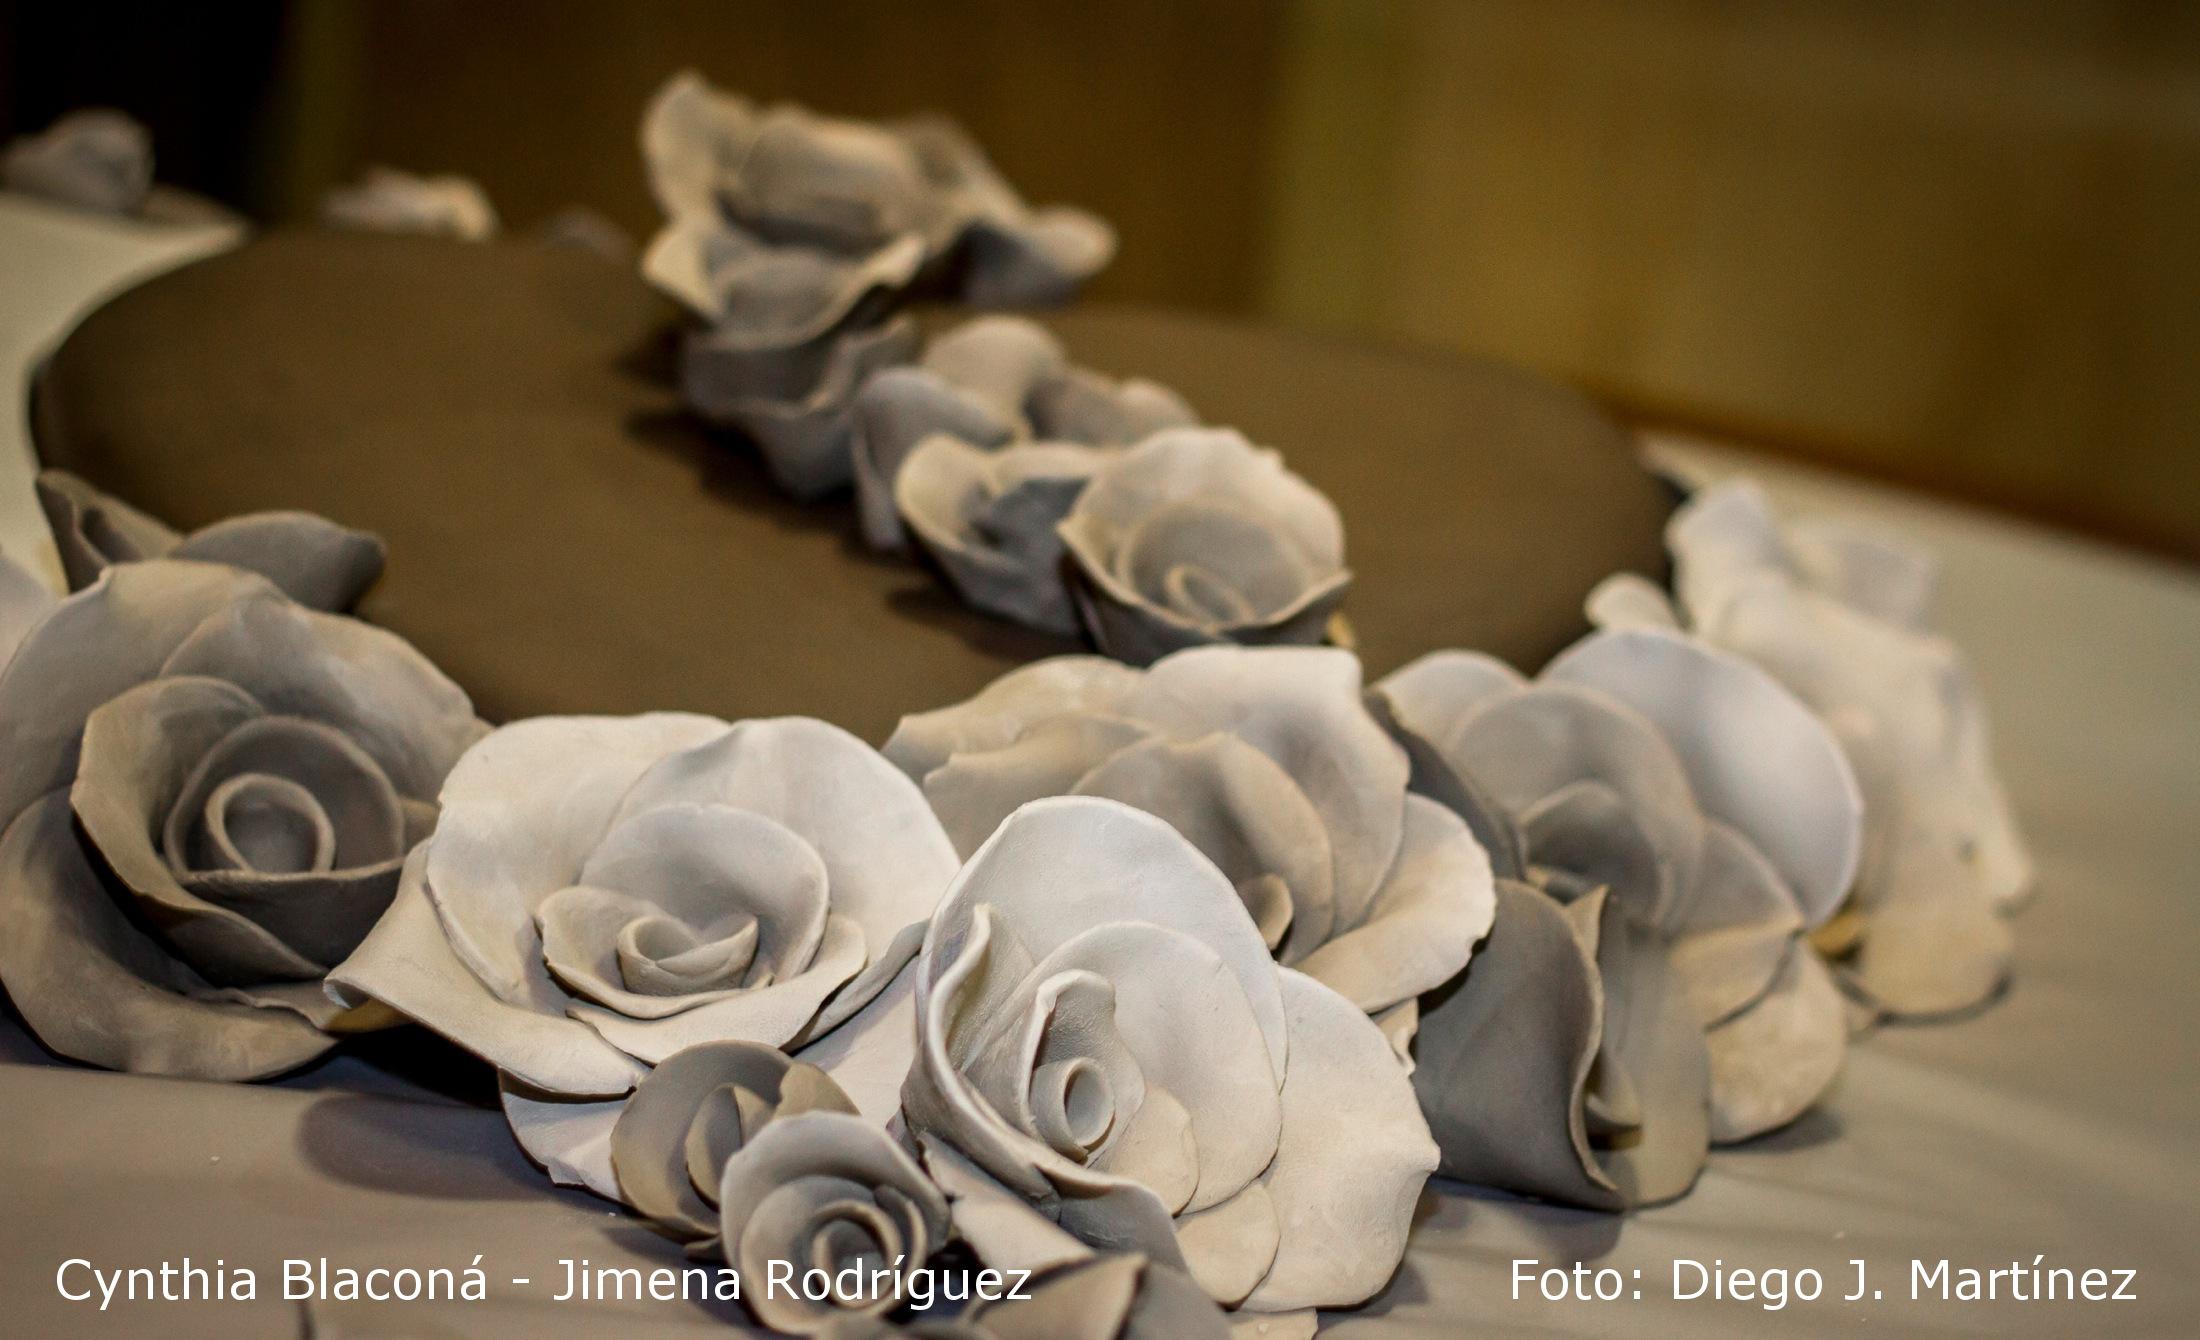 Unas cuantas creencias desafortunadas (detalle). Cynthia Blaconá – Jimena Rodríguez (obra cerámica). (2015) - Cynthia Blacona